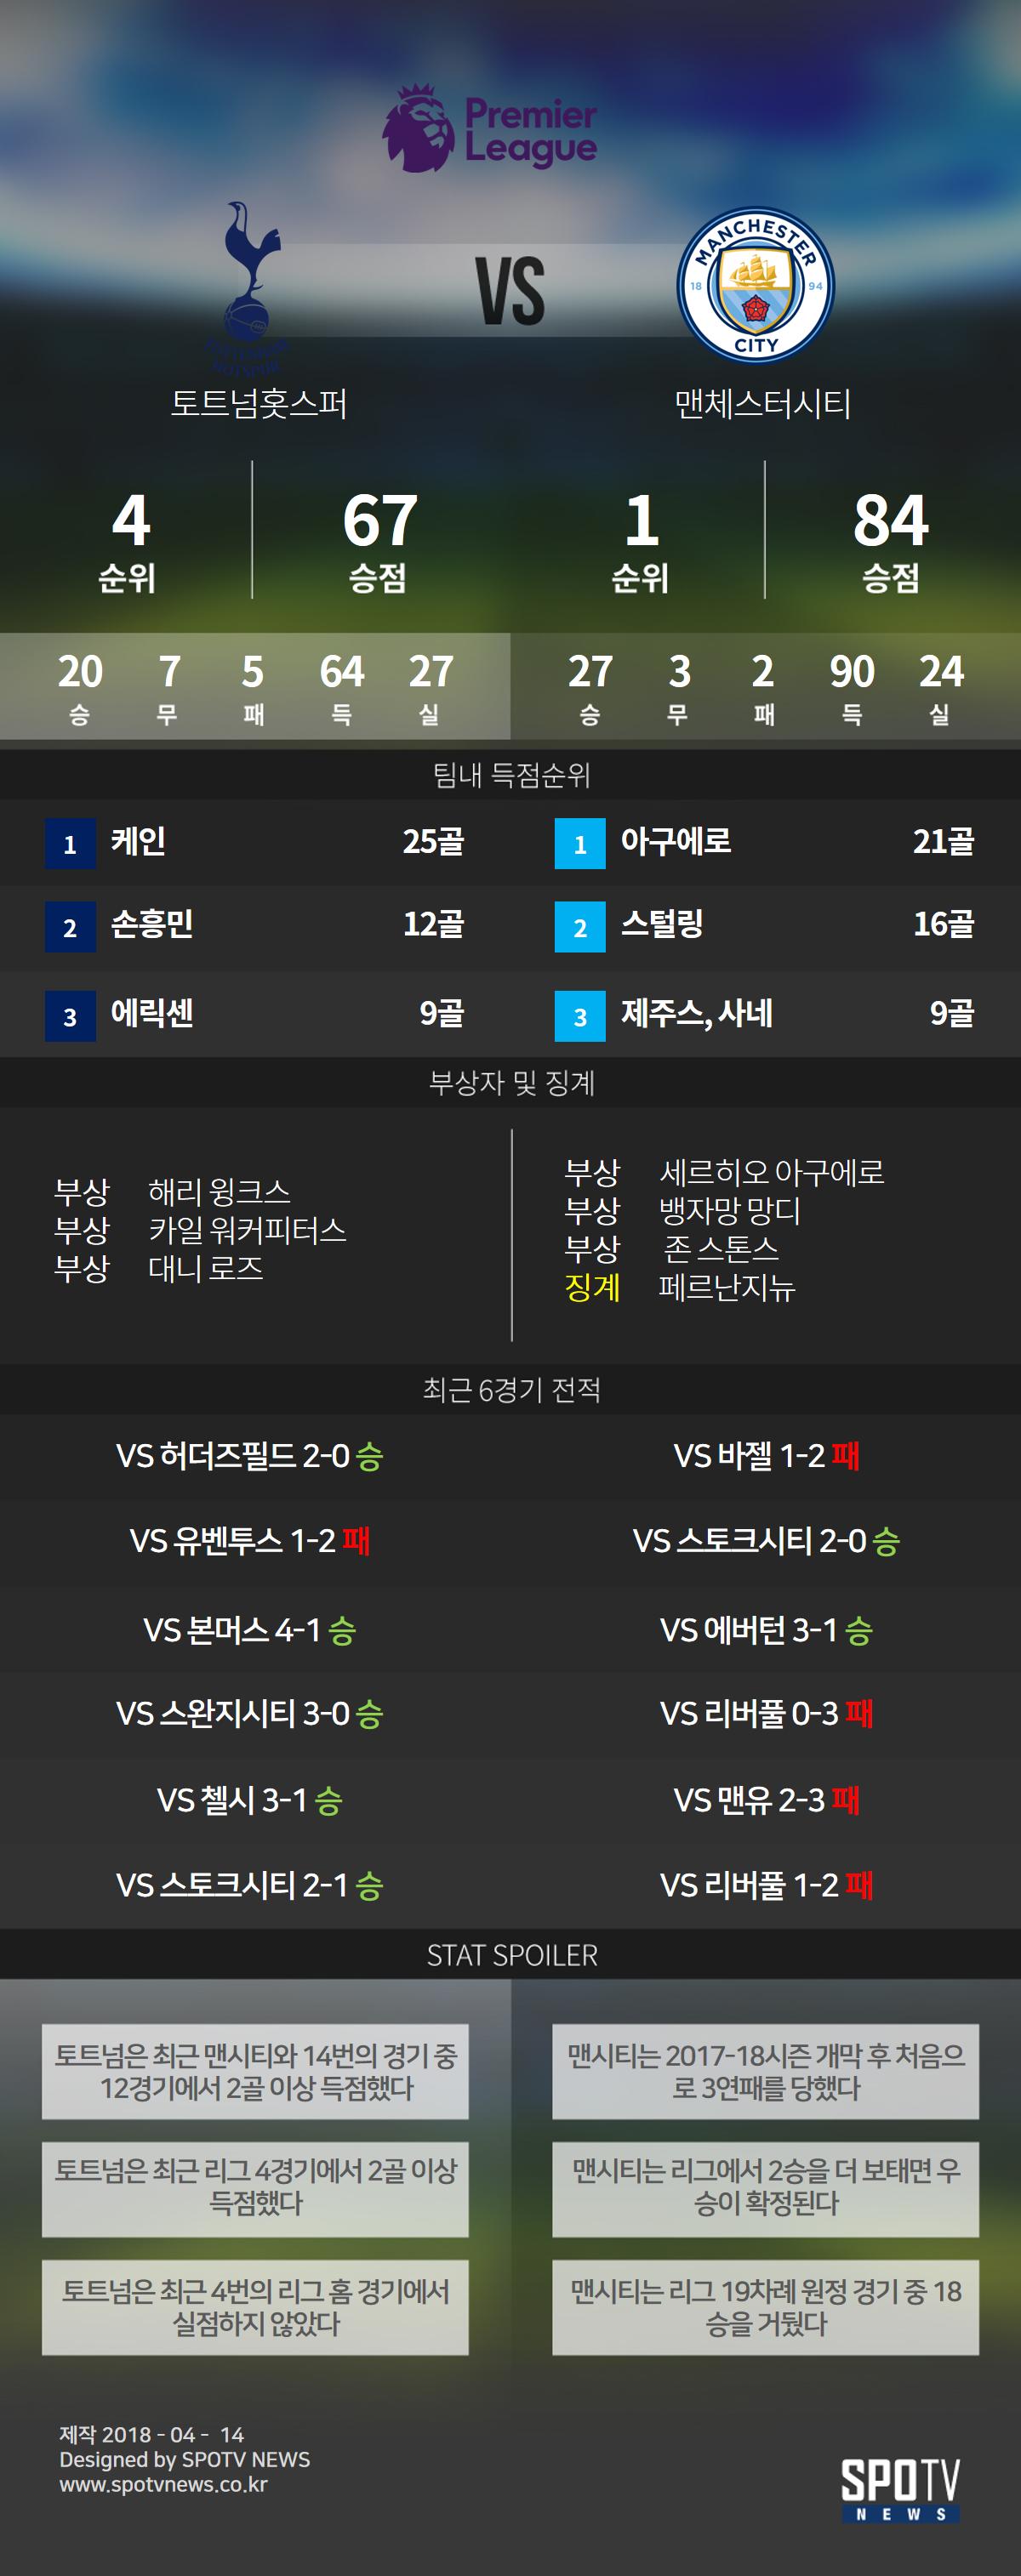 SPO일러 '3연속 무득점' 손흥민 vs '3연속 패배' 맨시티